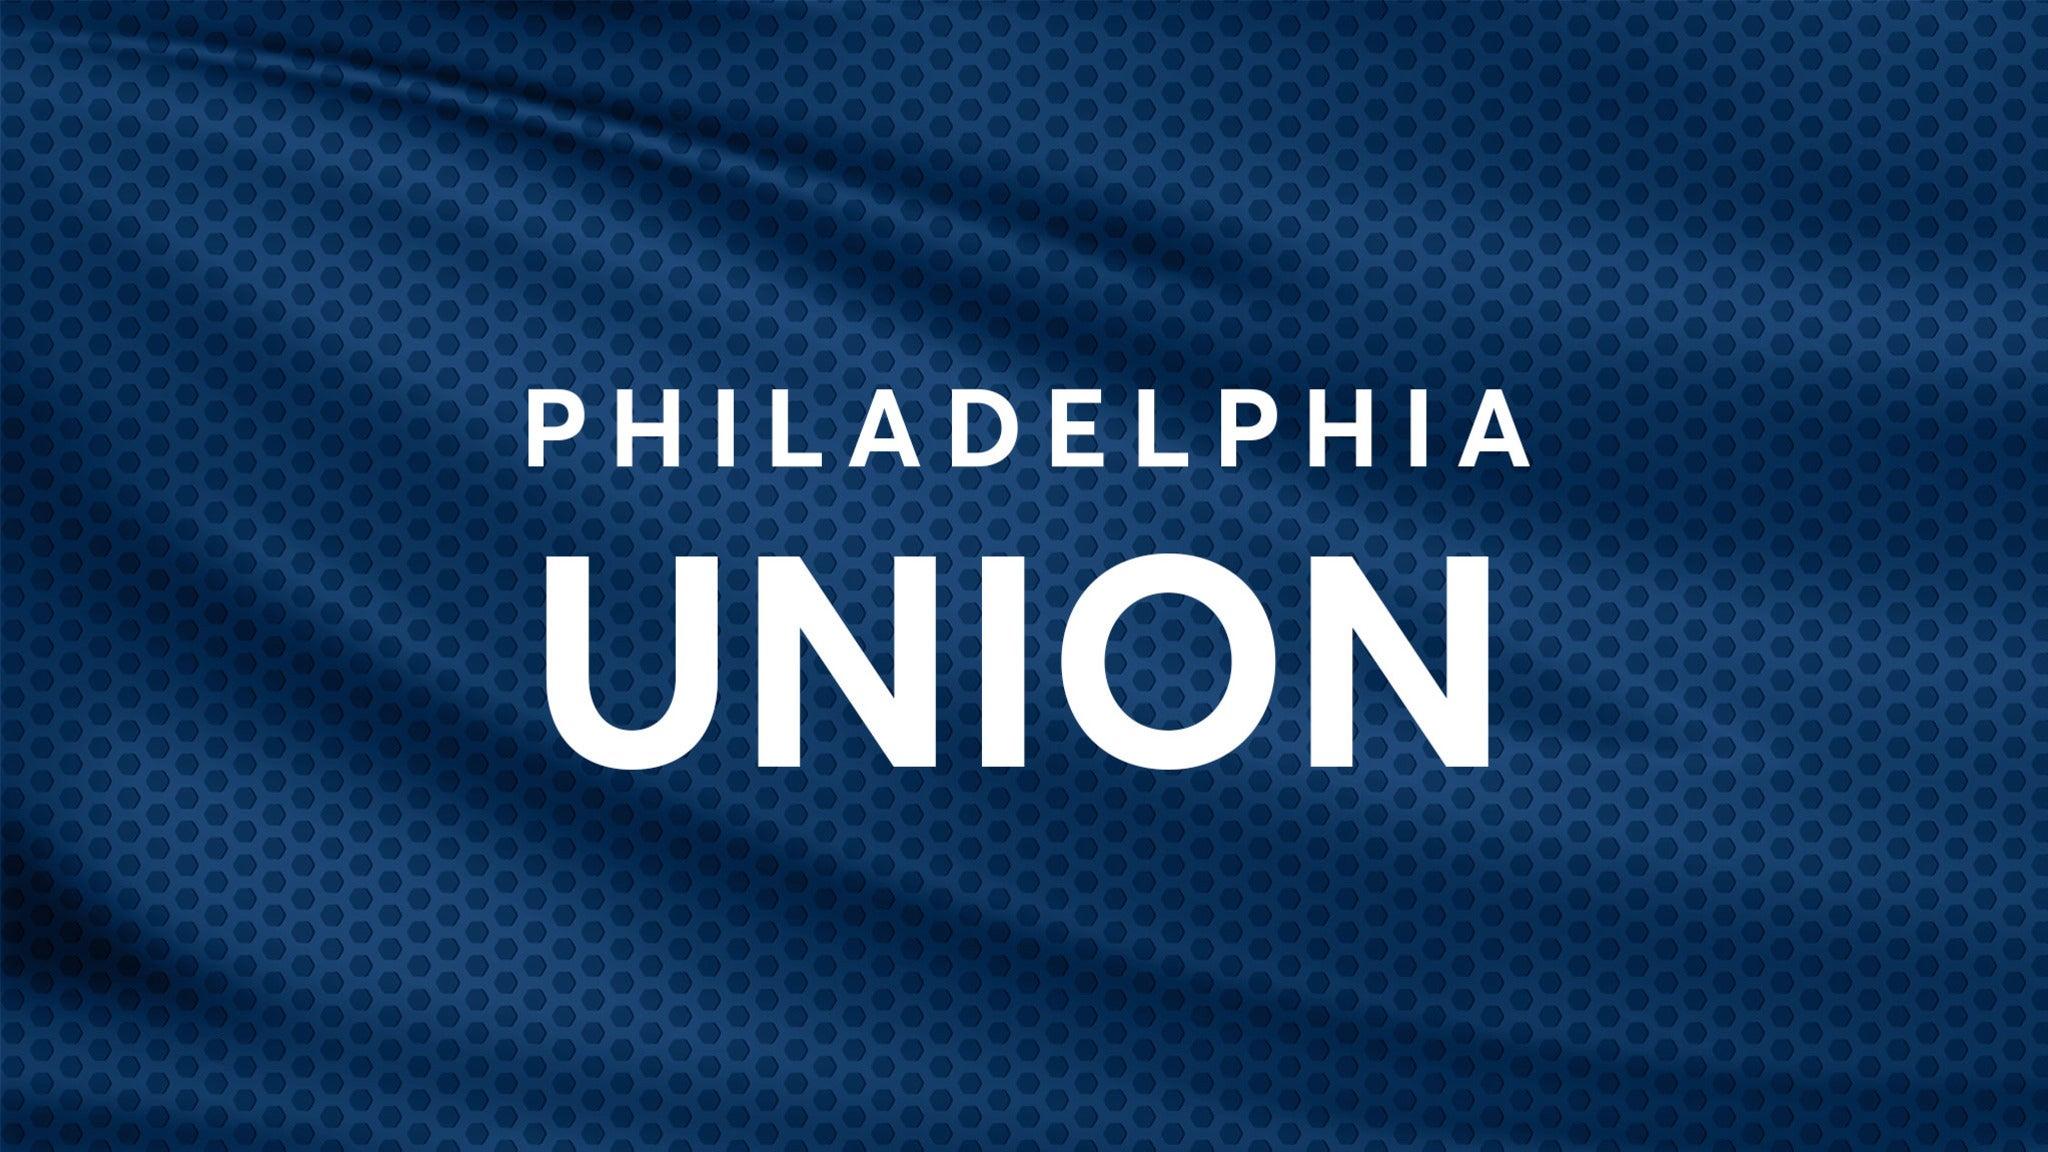 Philadelphia Union vs. Toronto FC